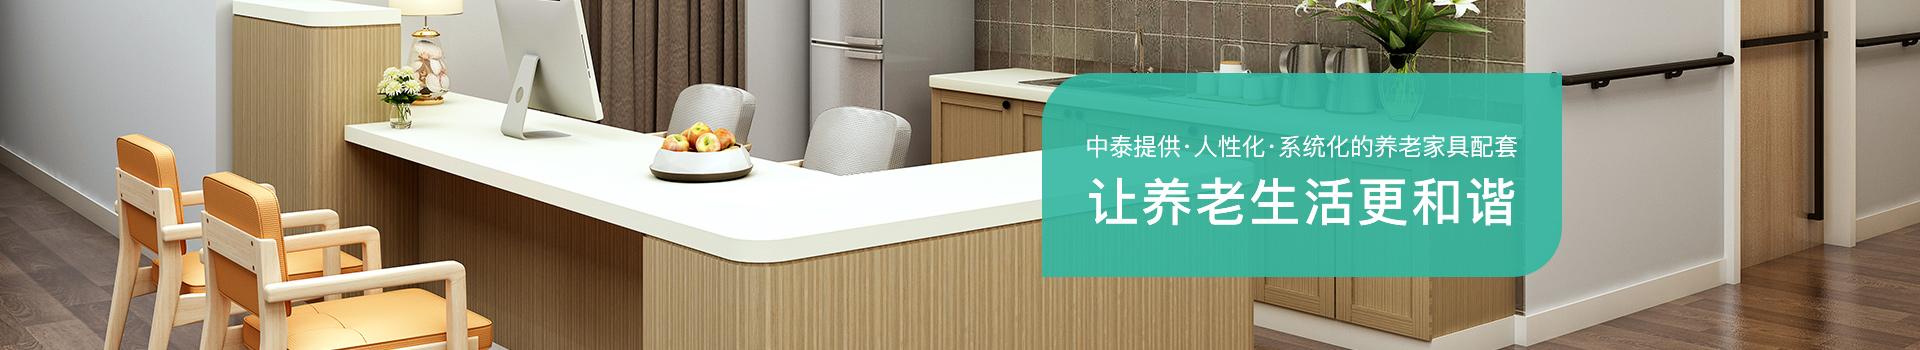 中泰-提供人性化、系统化的养老家具配套